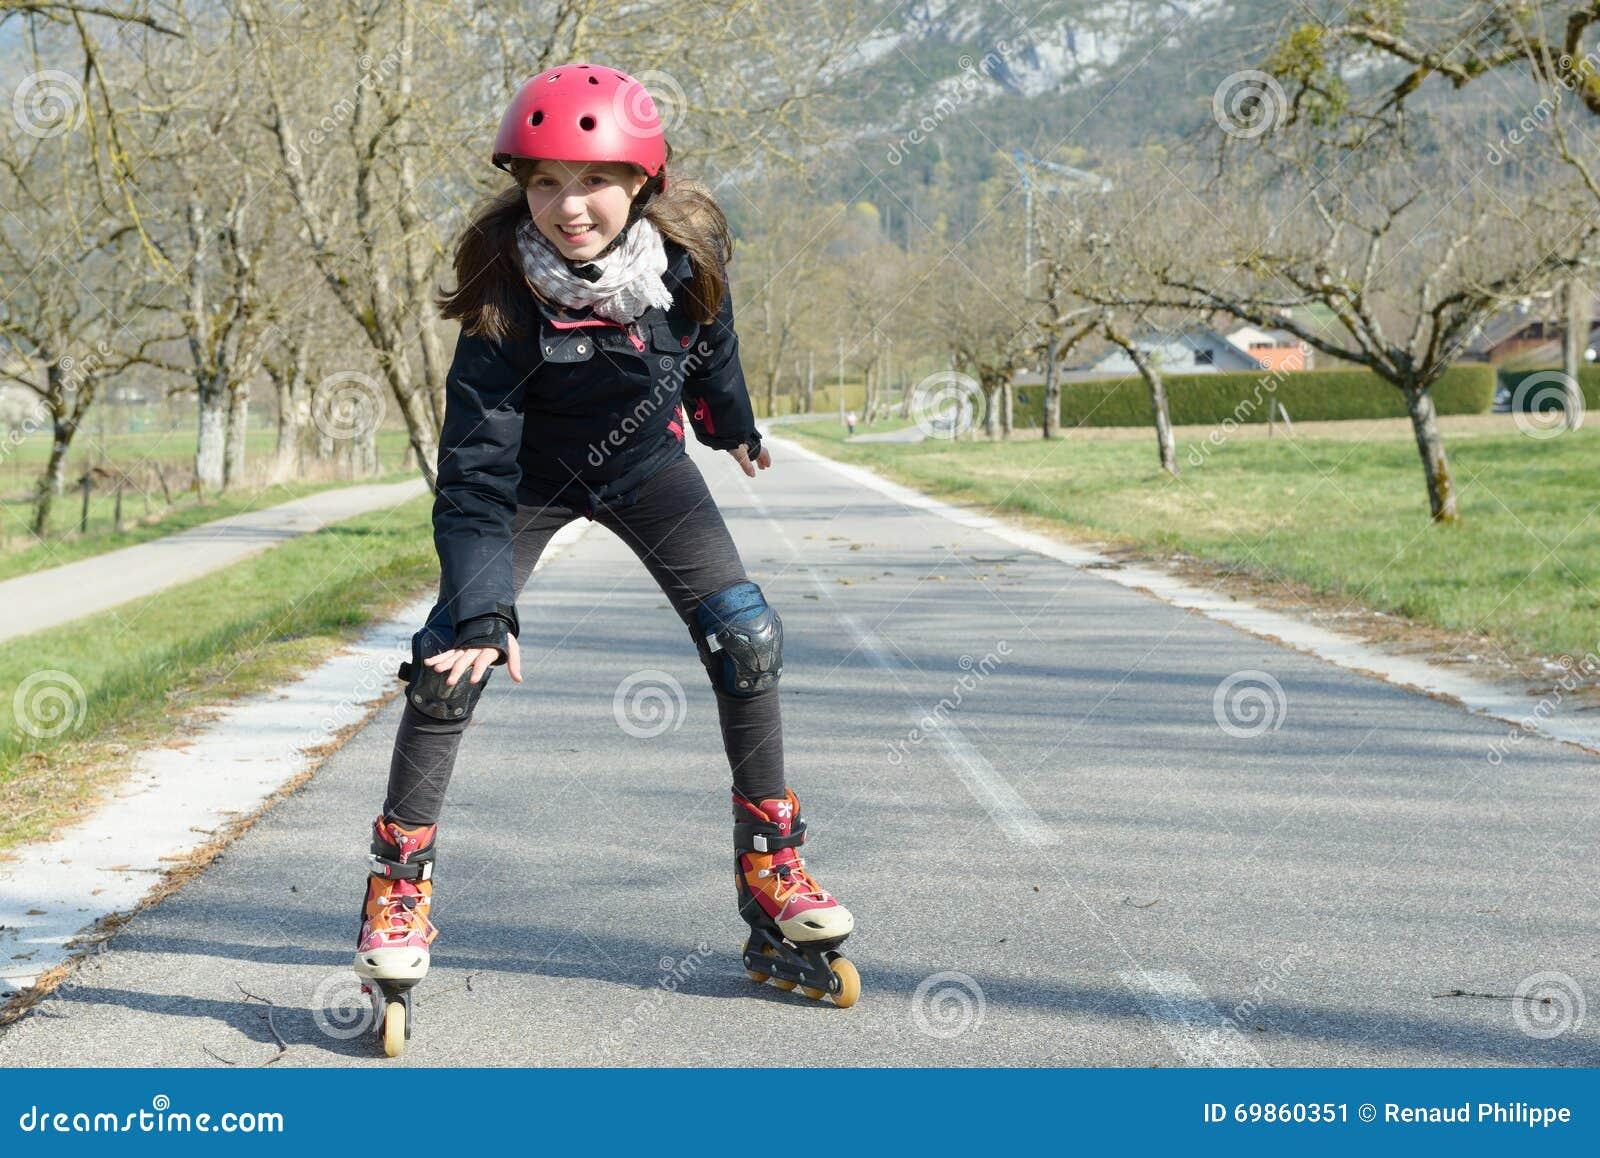 Roller skates helmet - Pretty Preteen Girl On Roller Skates In Helmet At A Track